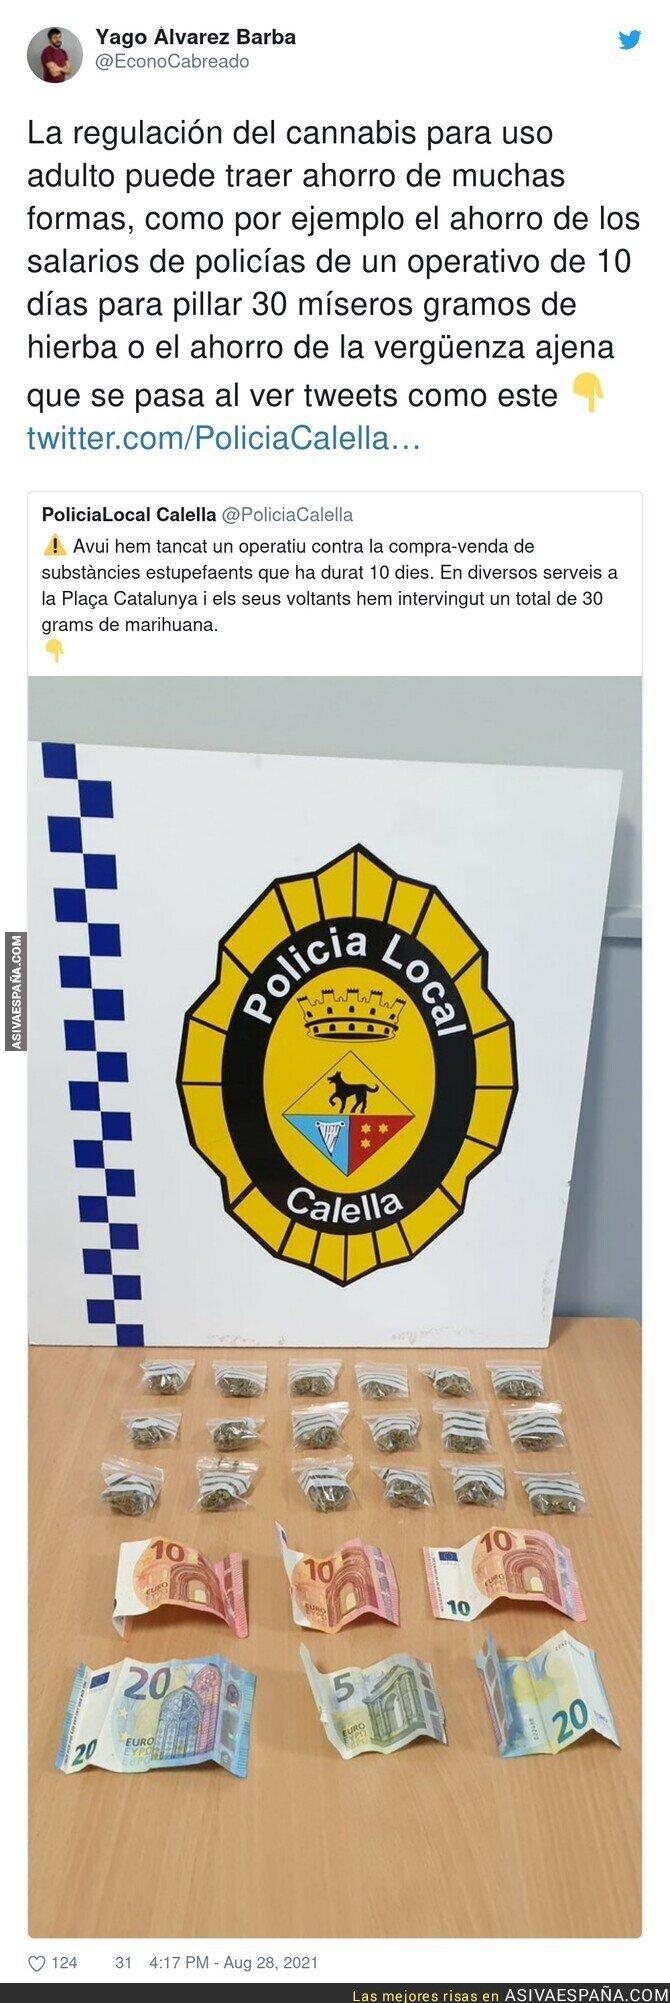 888659 - La Policía de Calella da toda la vergüenza del mundo al enseñar su incautación de marihuana y estos pocos billetes